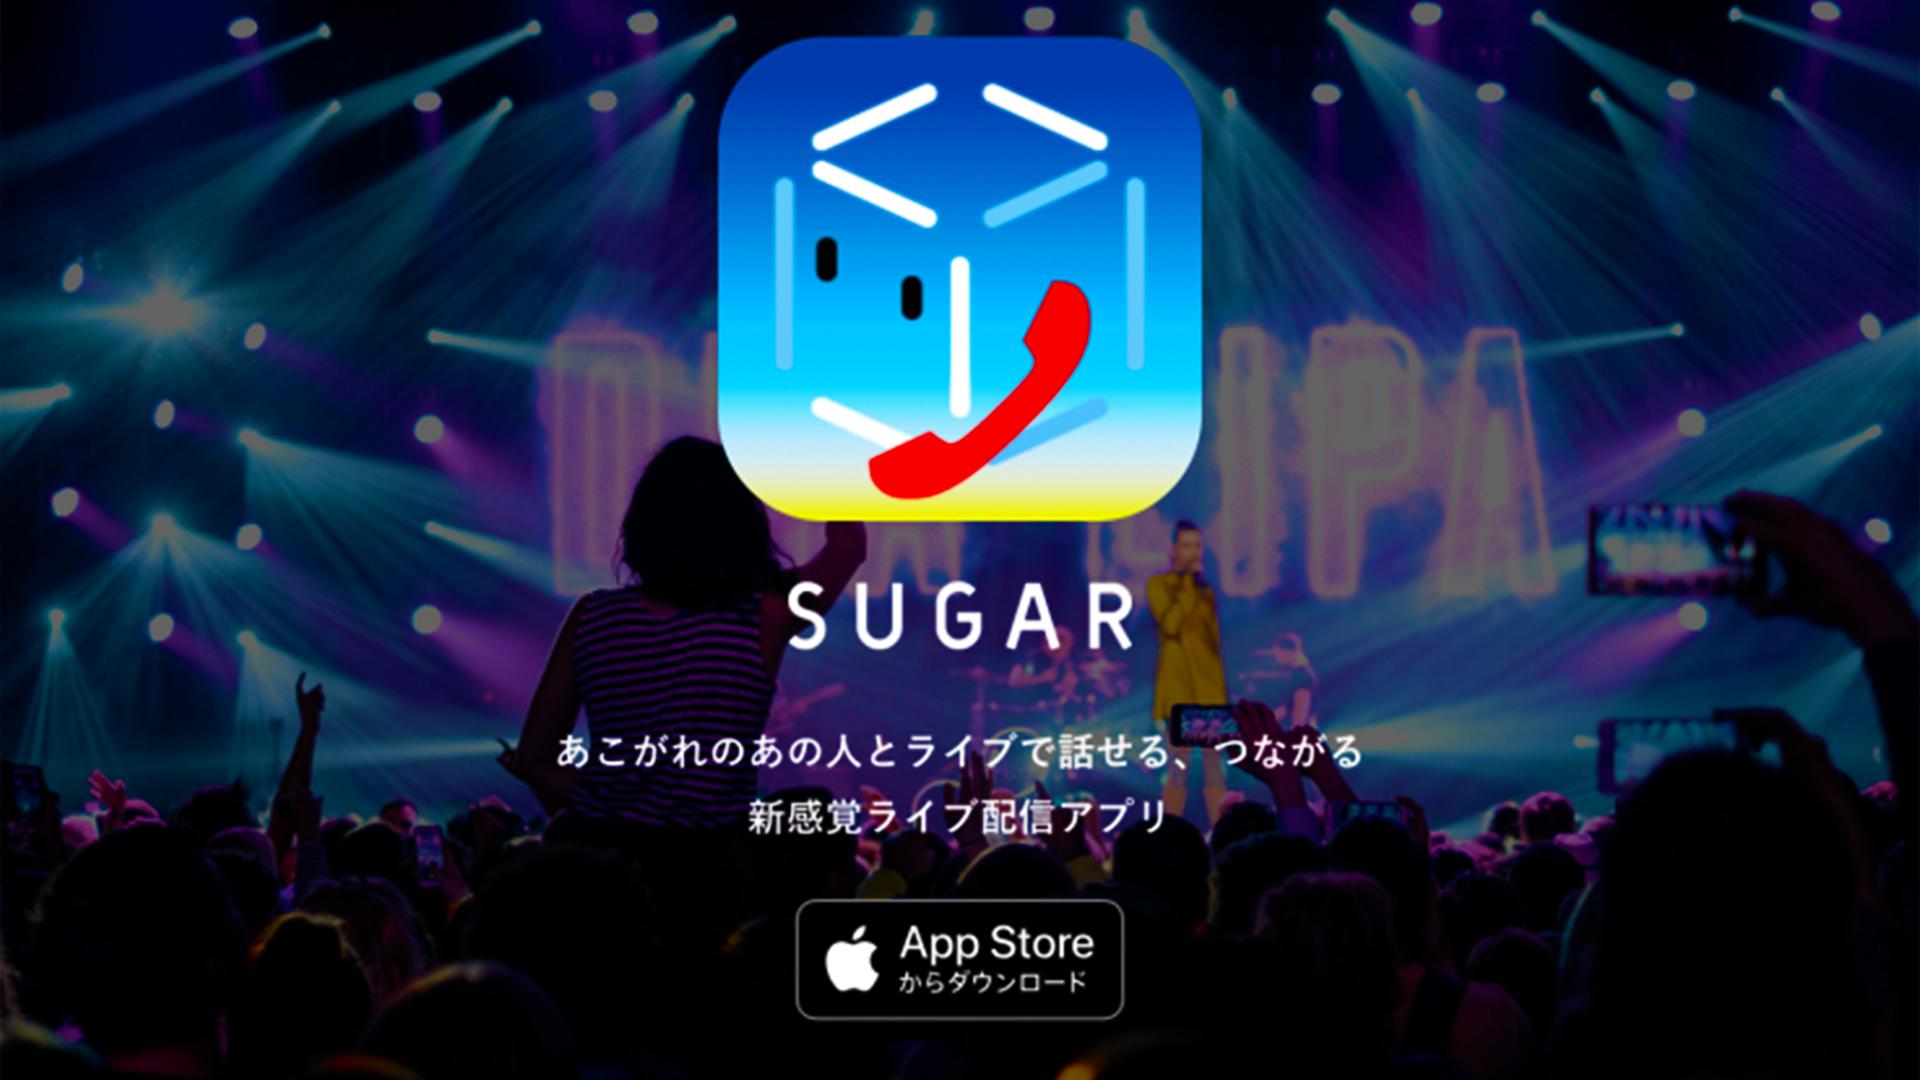 Sugar 千鳥 ノブ